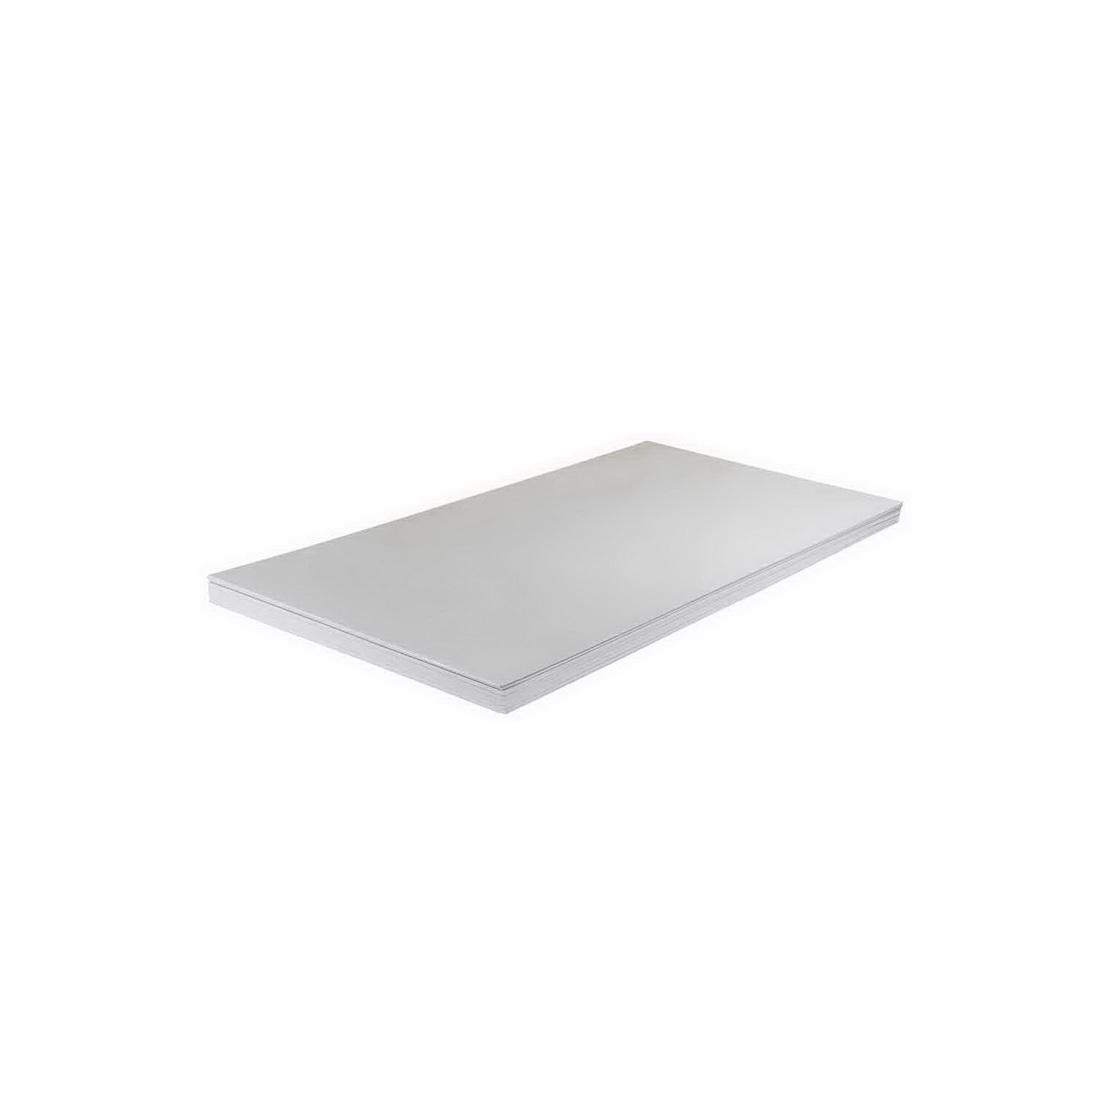 HardieGlaze 2700x1200x6mm Premium Wall Lining White